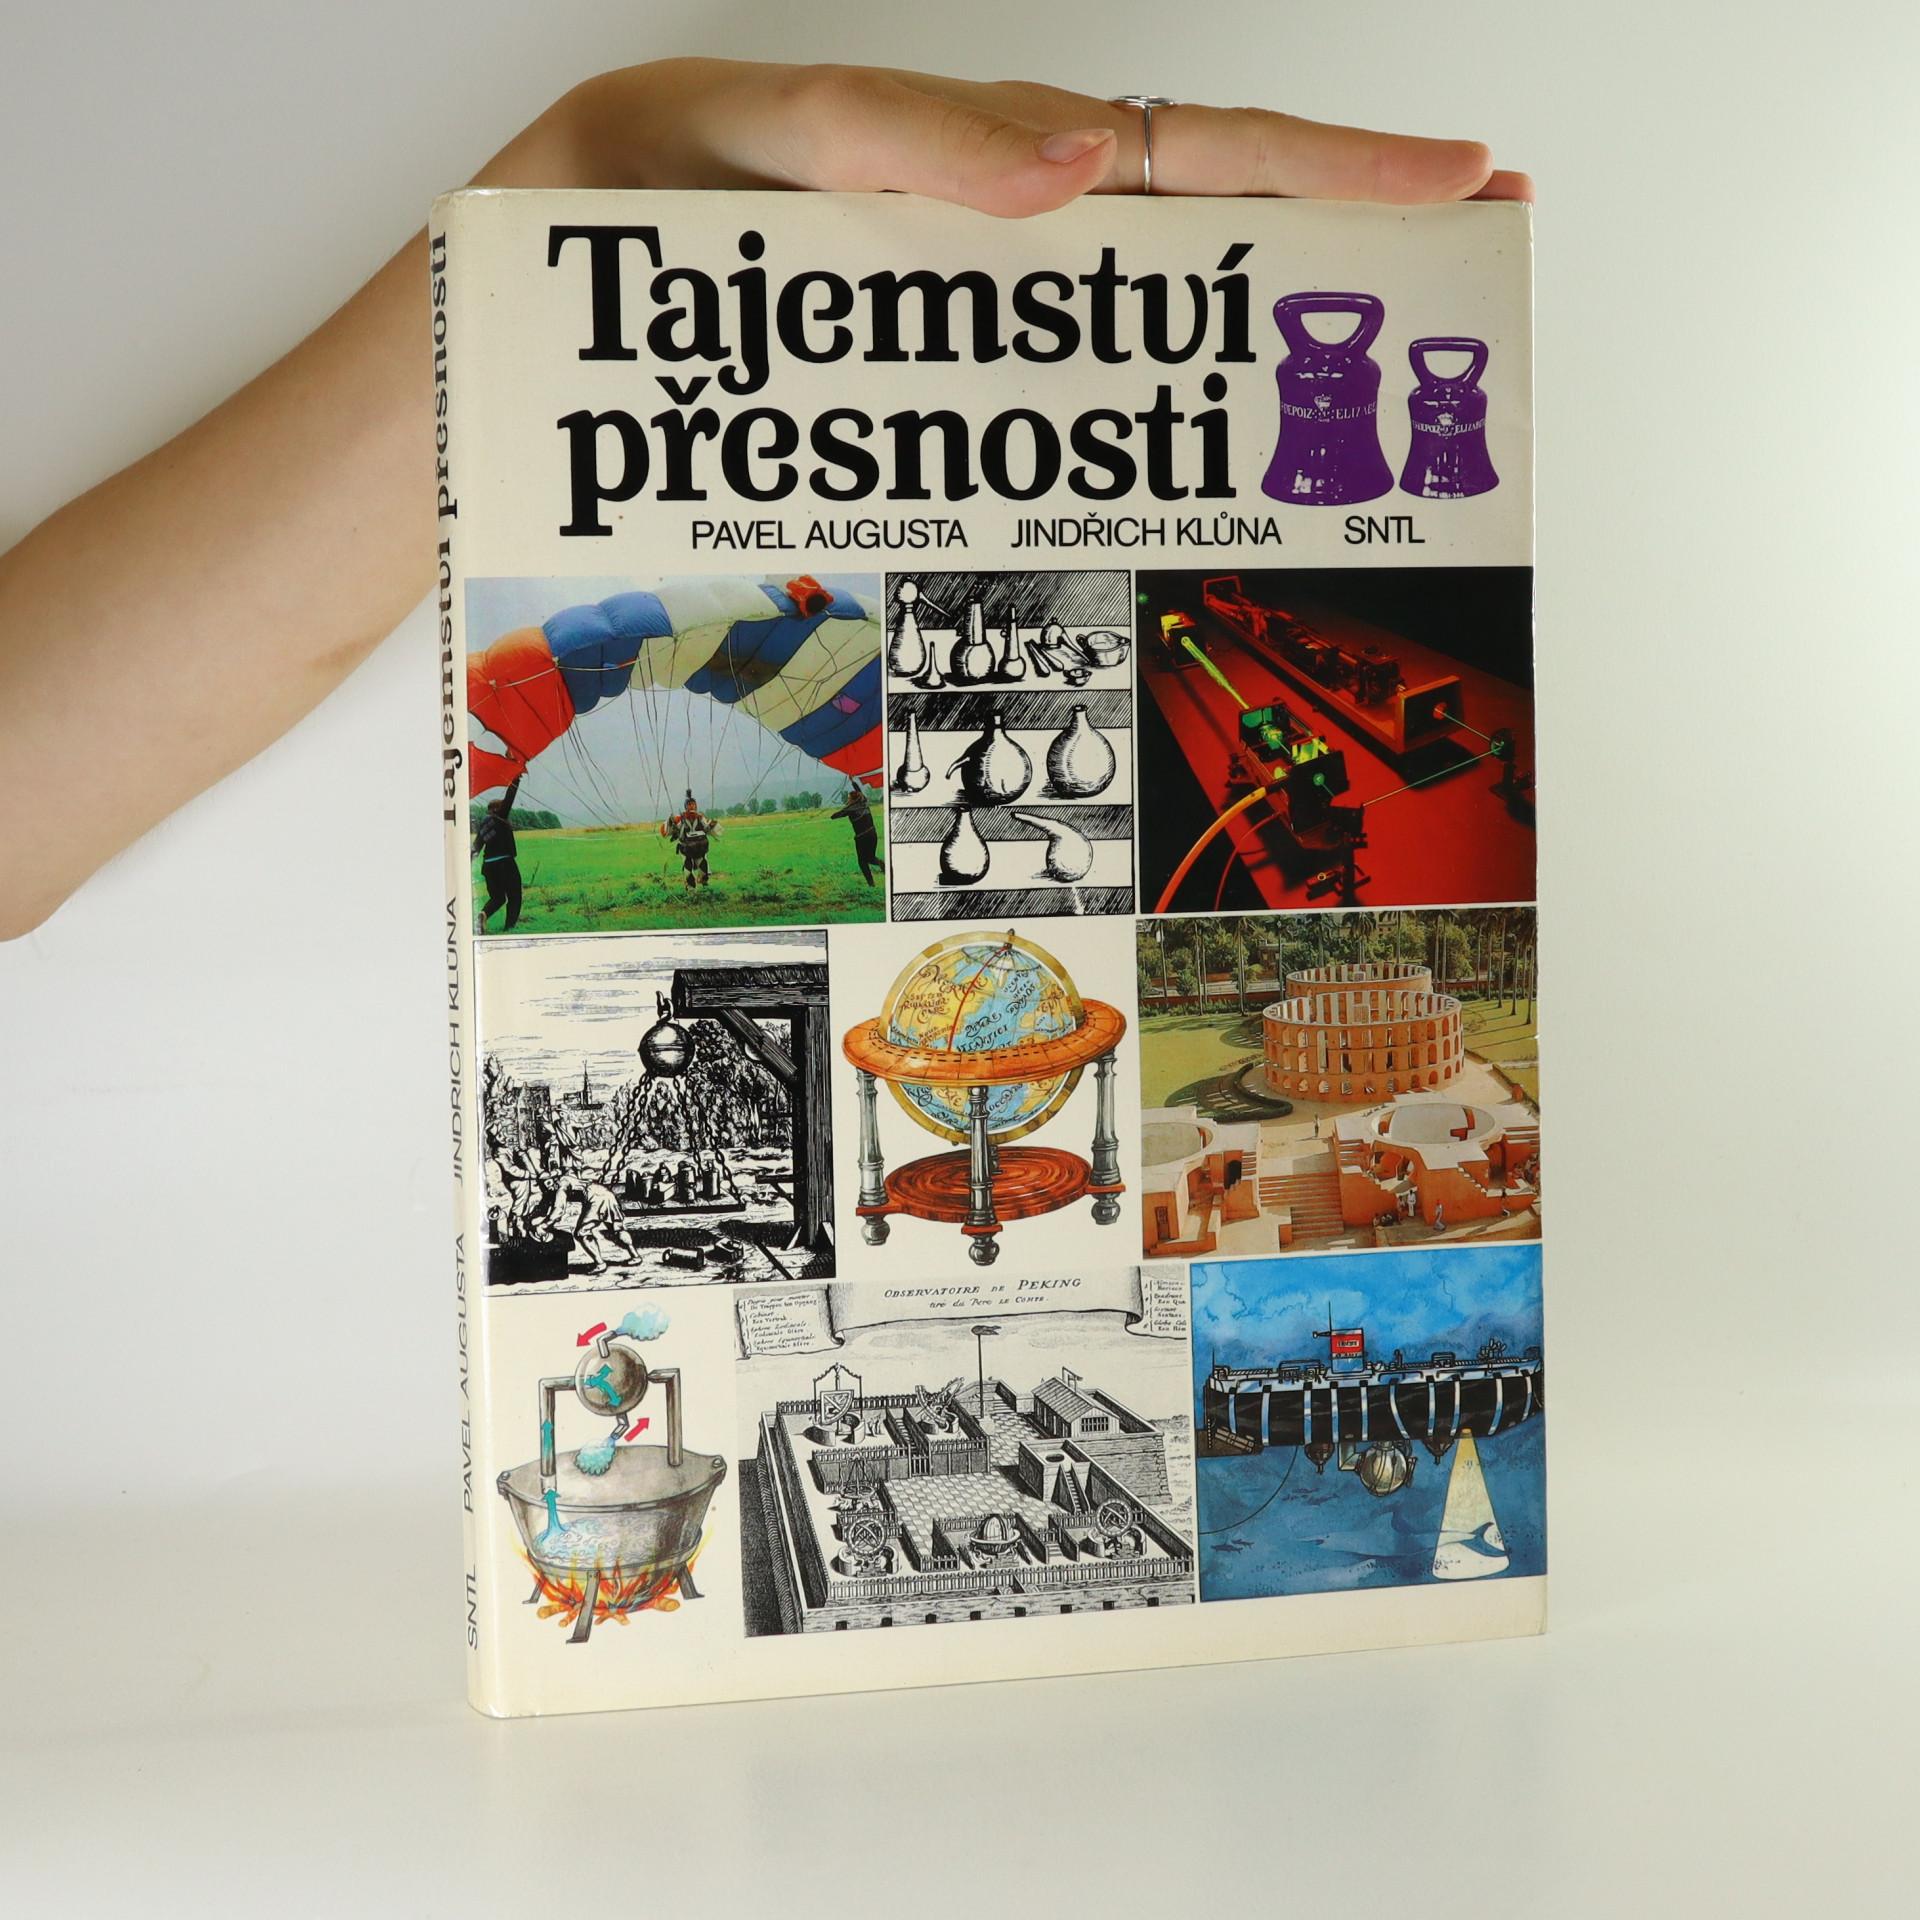 antikvární kniha Tajemství přesnosti, 1990